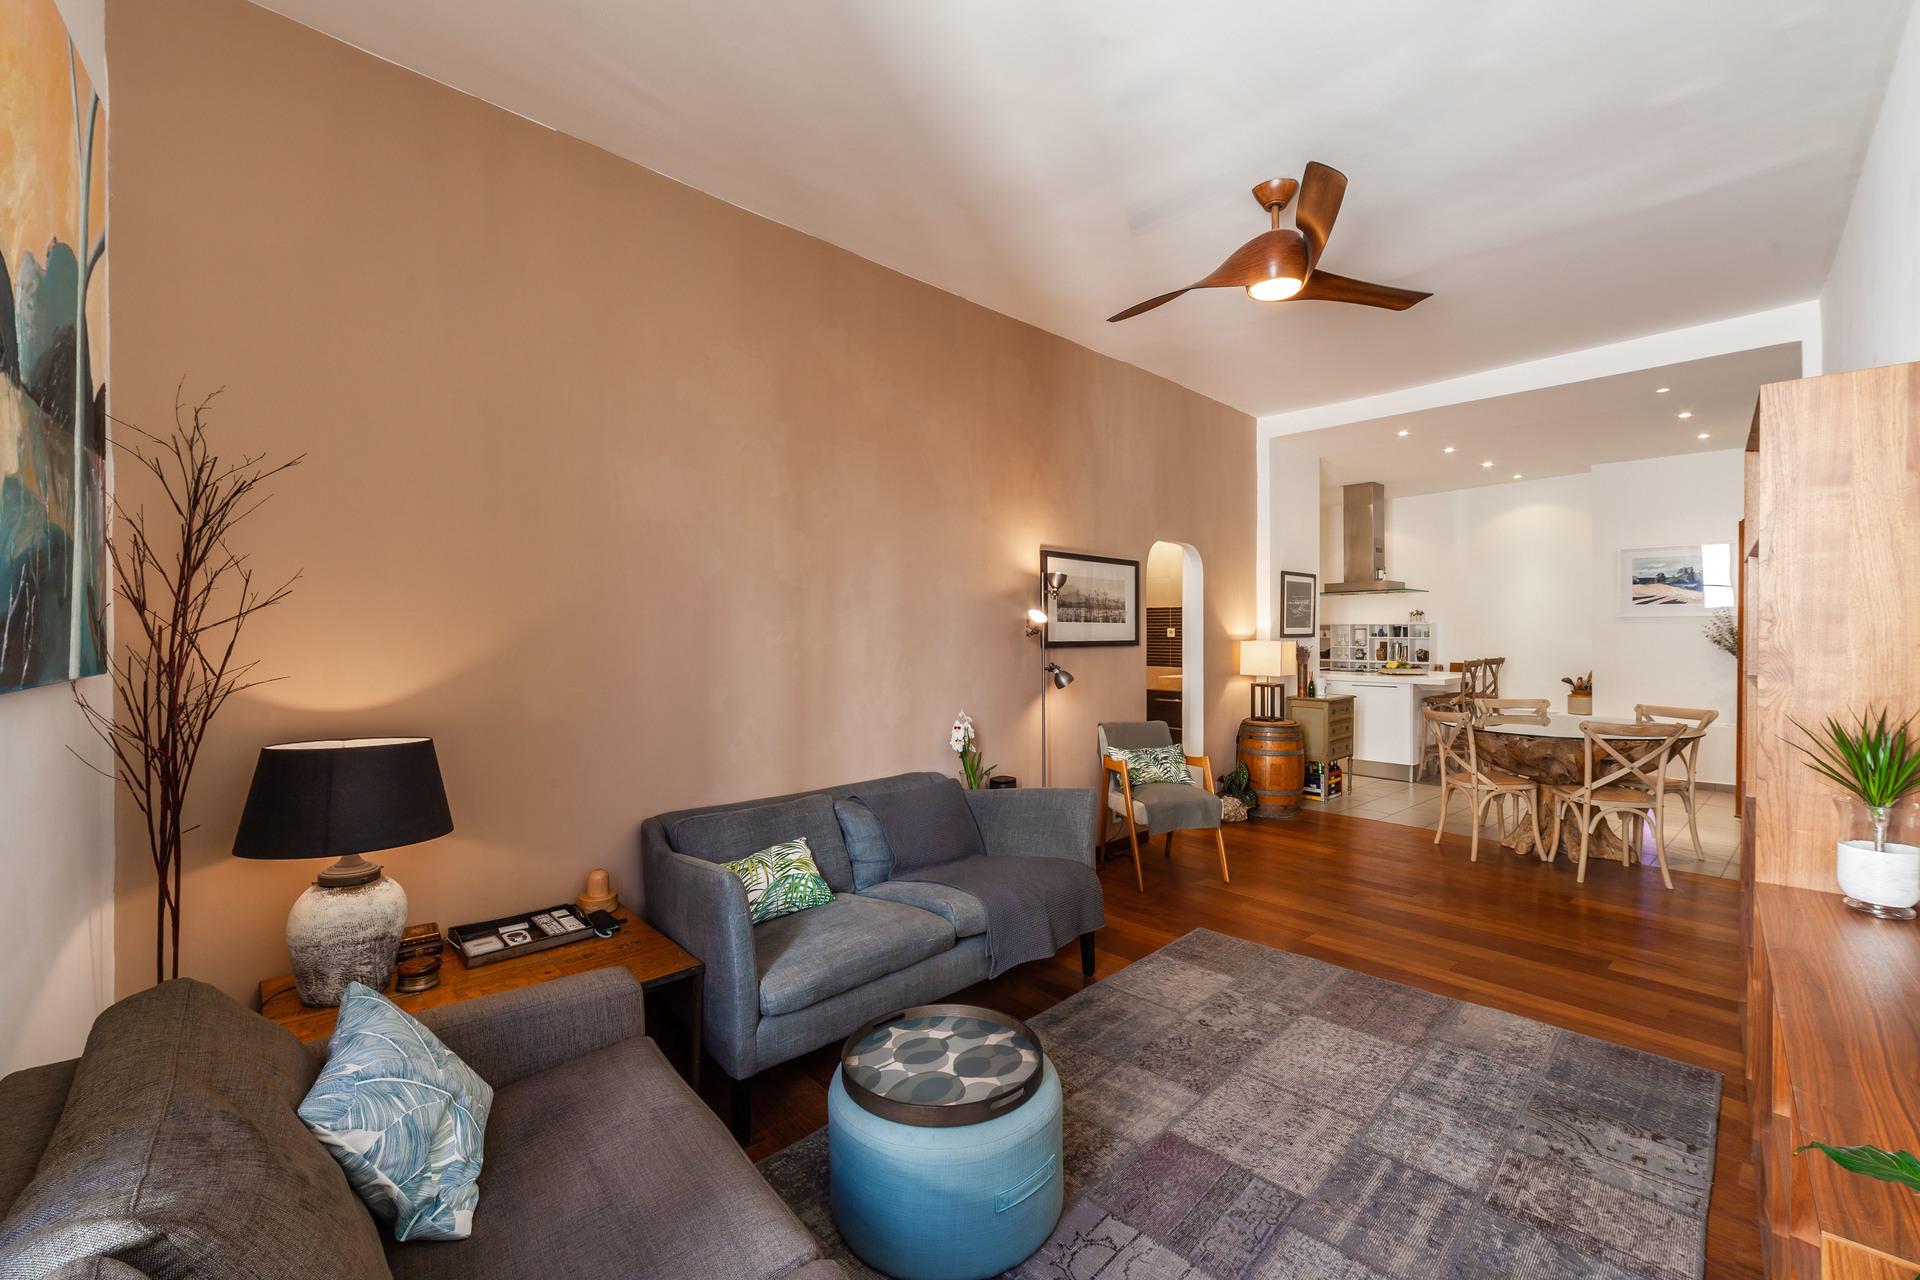 Vente Appartement 74 m² T3 06300_3